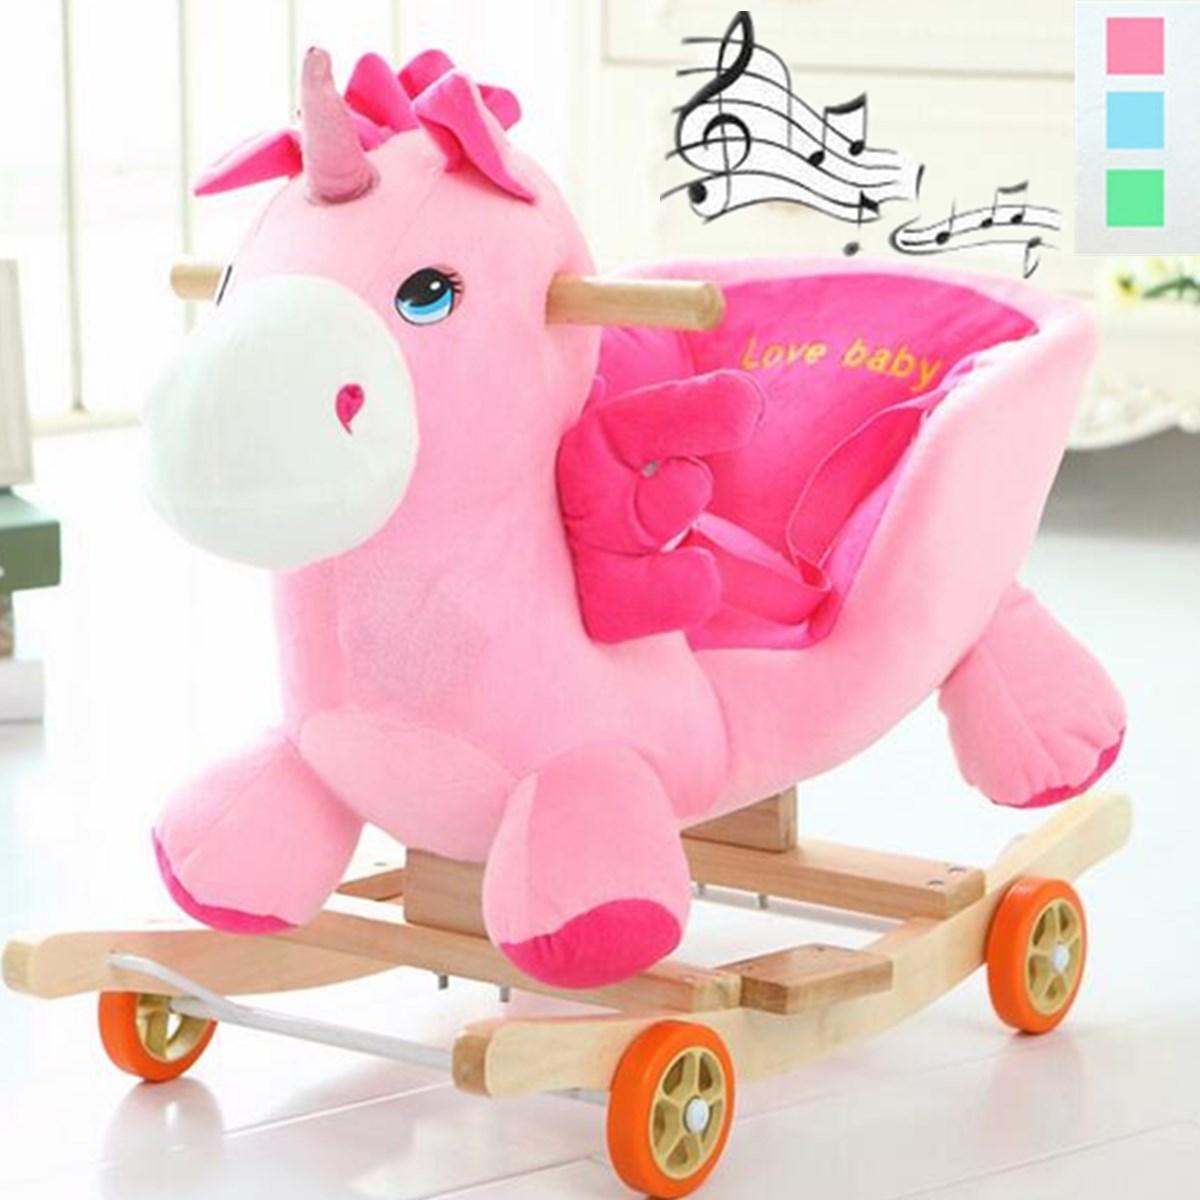 Mecedora de madera y plushh con música, mecedora de juguete troyano, cochecito de bebé, carrito infantil para regalo de cumpleaños para niños